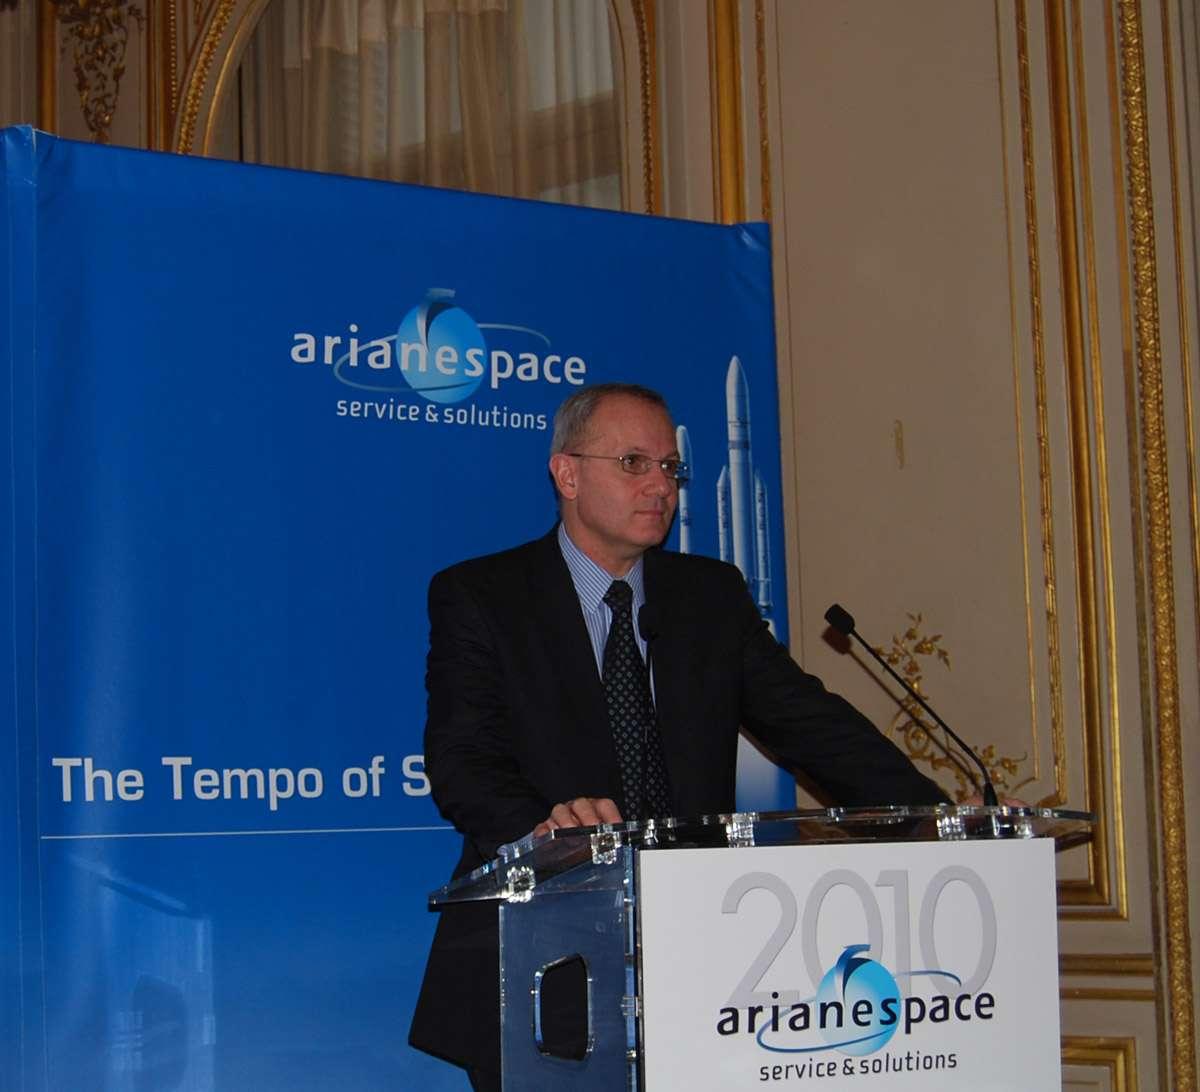 Jean-Yves Le Gall : « Nous abordons 2010 confiants avec de sérieux atouts mais avec quelques incertitudes vis-à-vis de la crise économique et une surcapacité de l'offre de lancement. ». © Futura-Sciences / R. Decourt